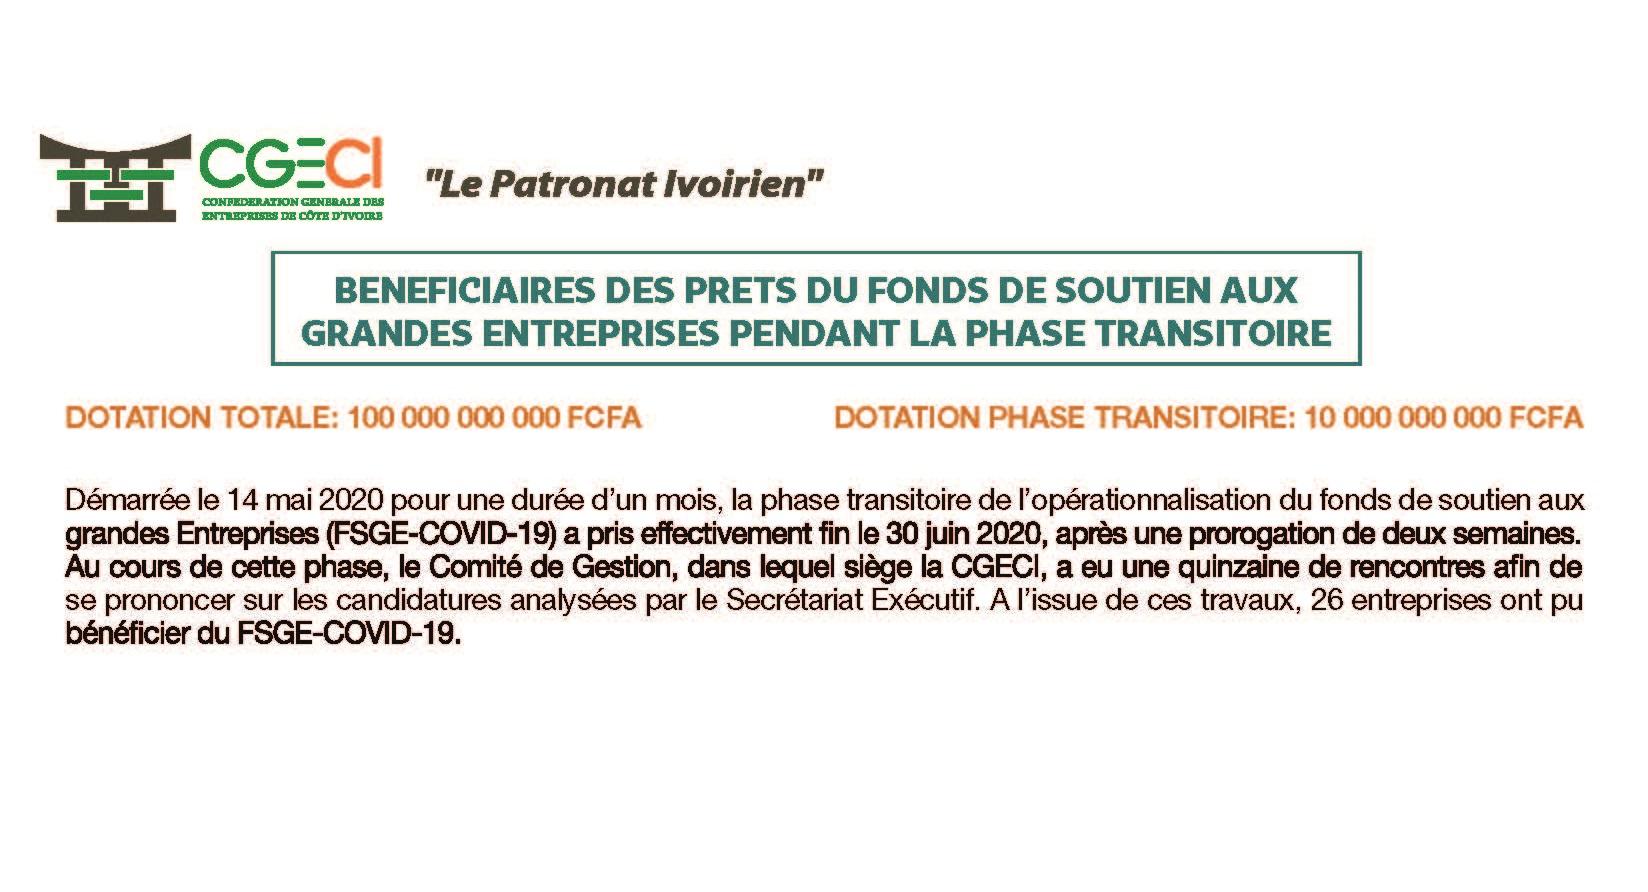 LISTE EXHAUSTIVE DES BENEFICIAIRES DES PRETS FSGE PENDANT LA PHASE TRANSITOIRE AU 30 JUIN 2020